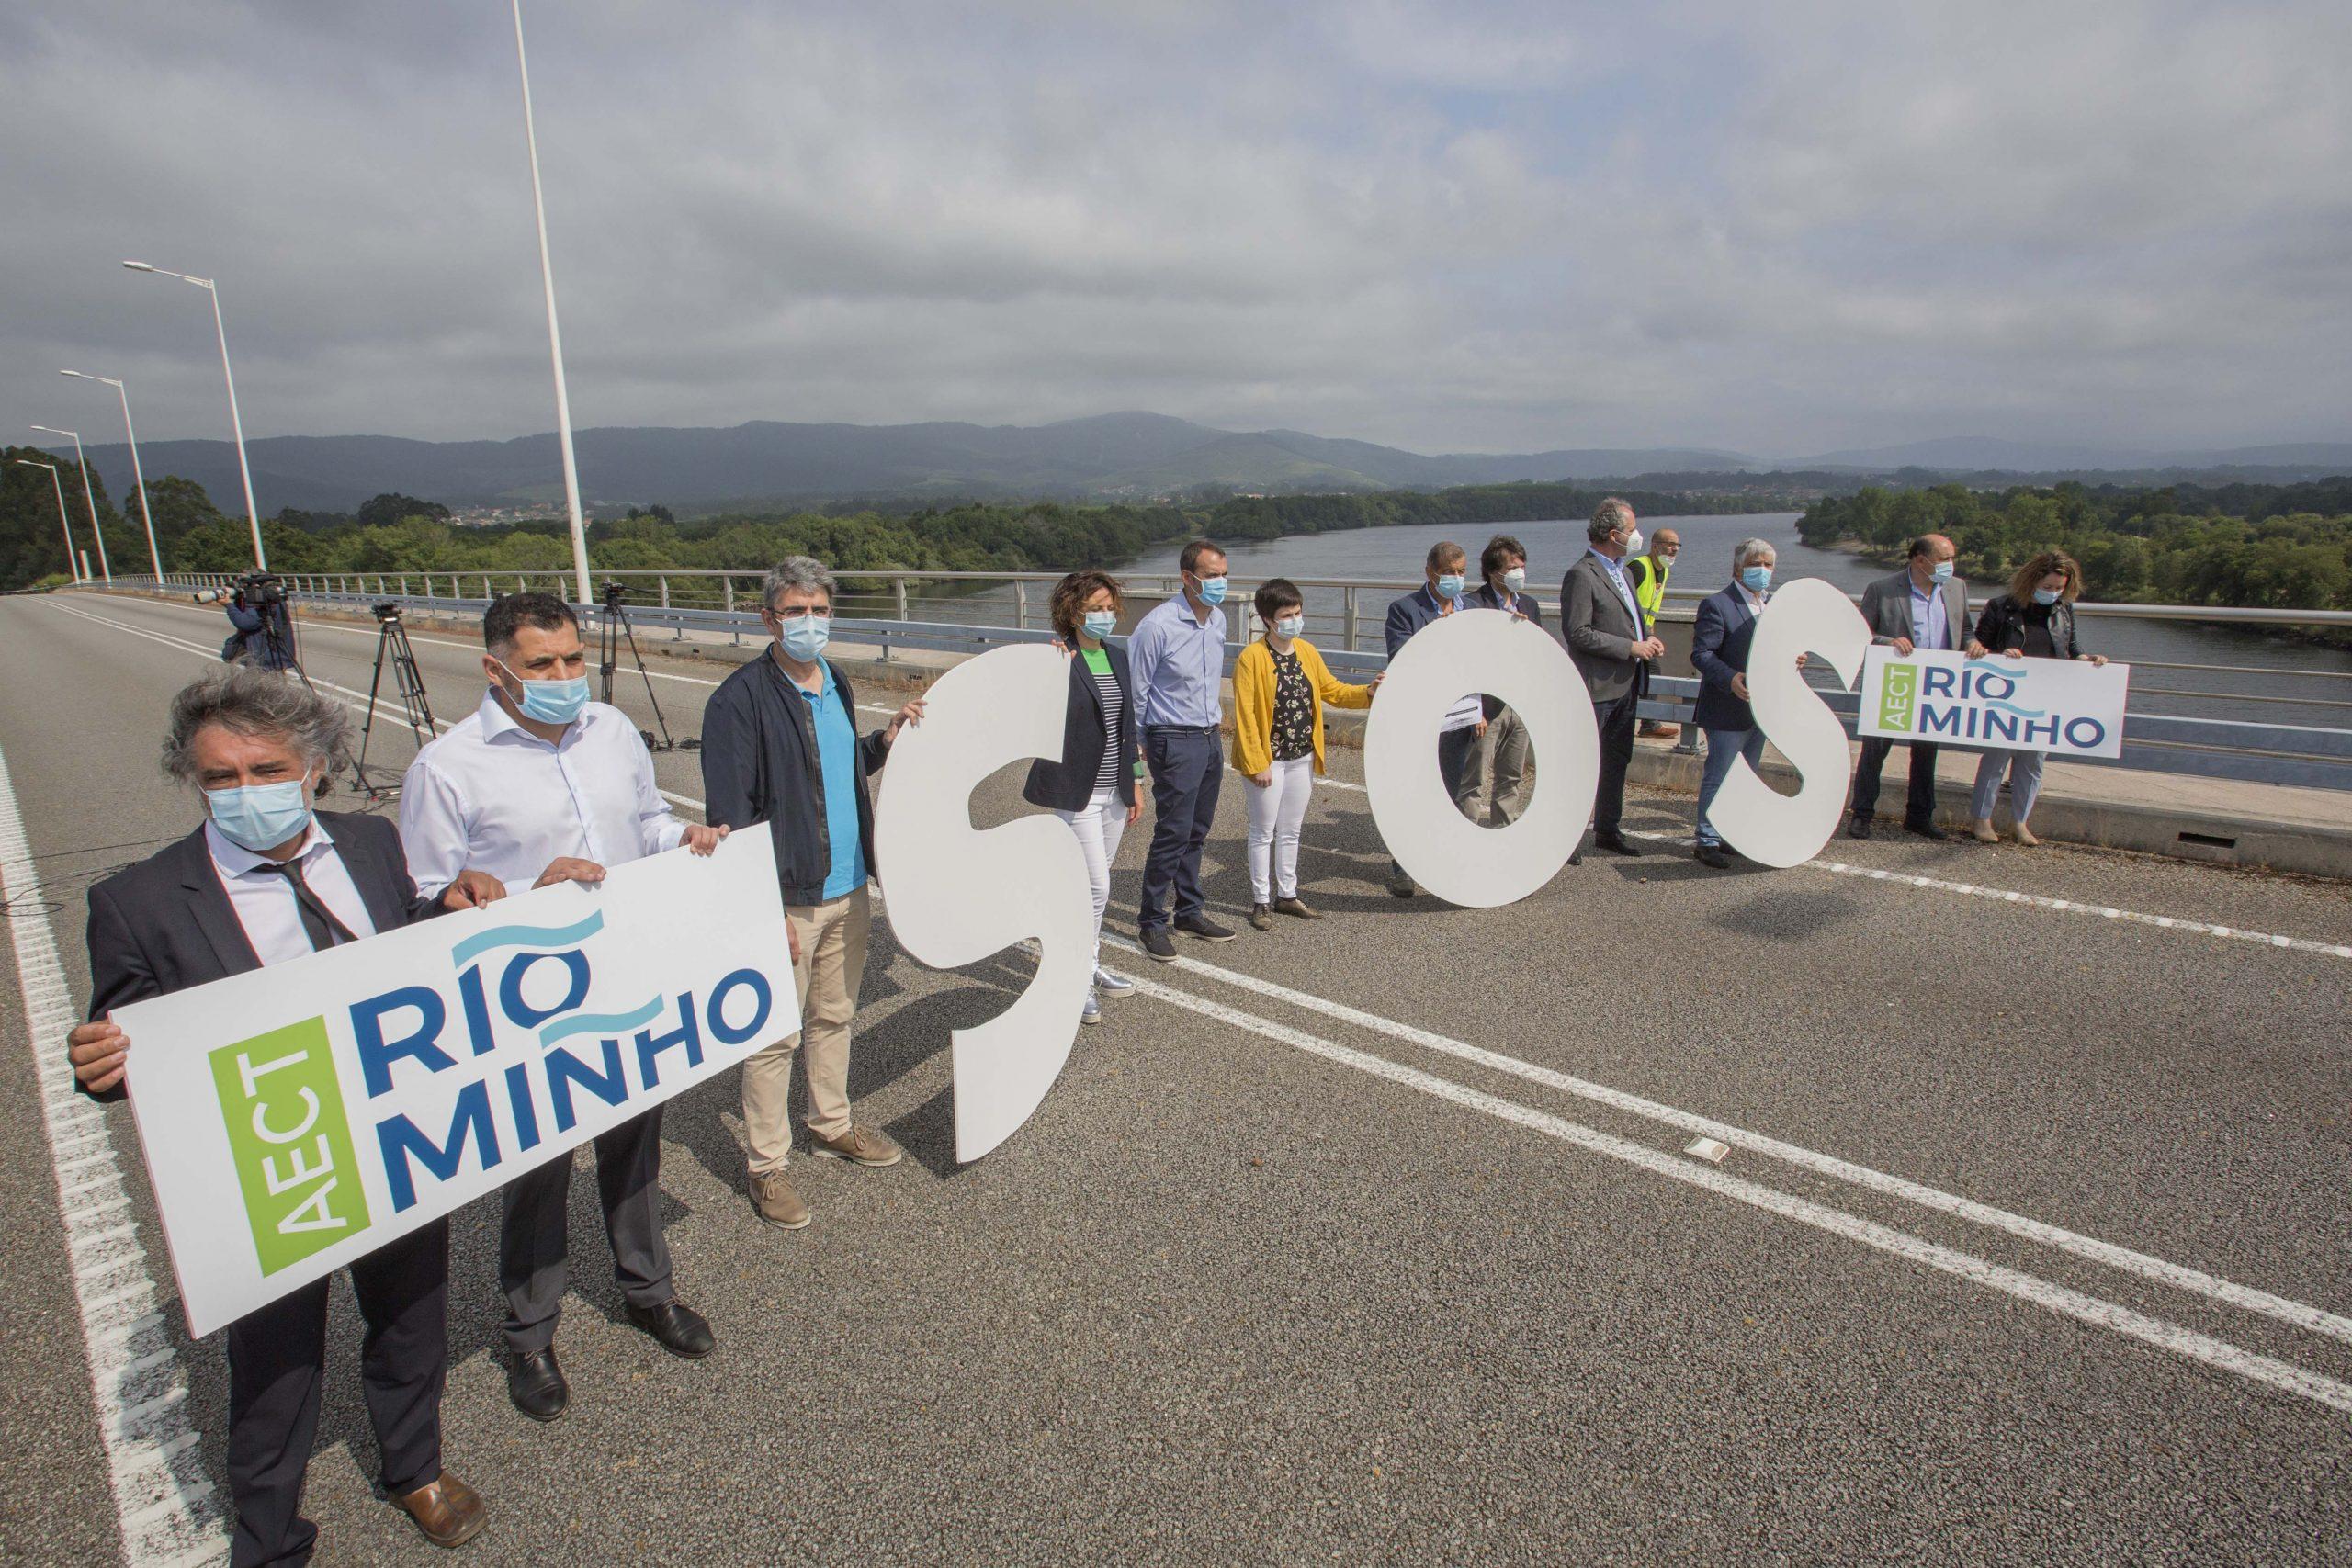 O AECT Río Miño advirte de que o peche de fronteiras de Portugal non debe repetir o erro de dificultar a